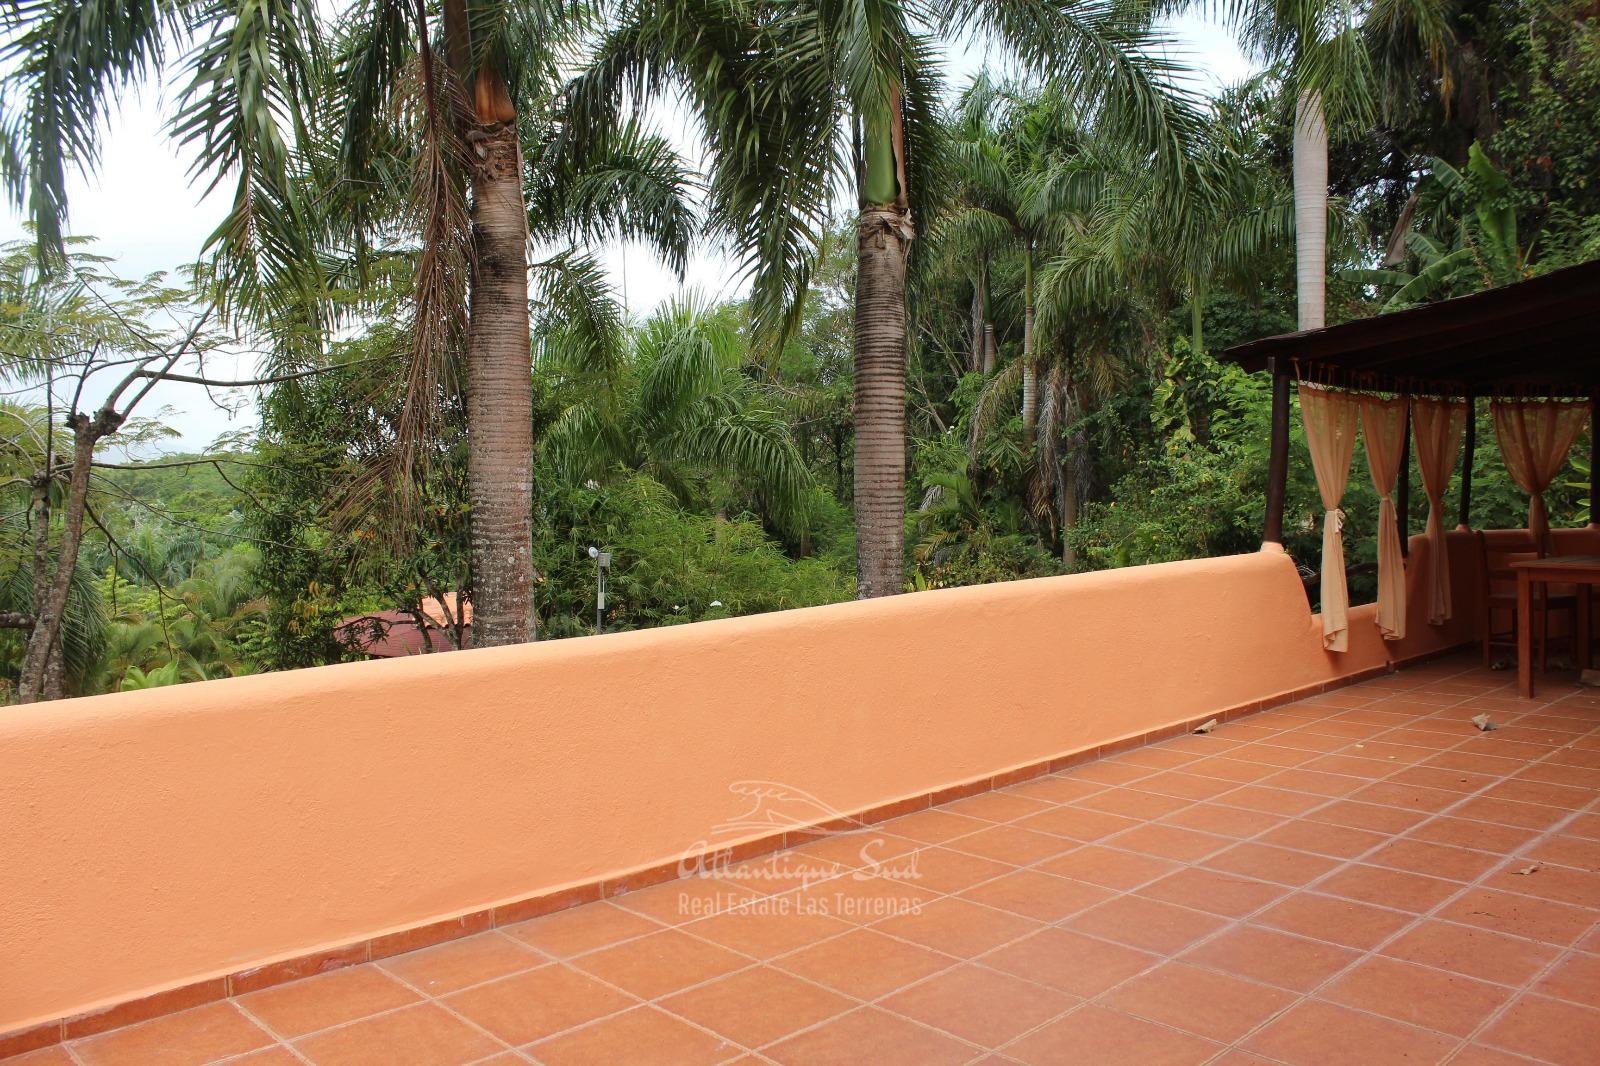 Mediterranean Condominiums for sale Real Estate Las Terrenas 40 (5).jpeg